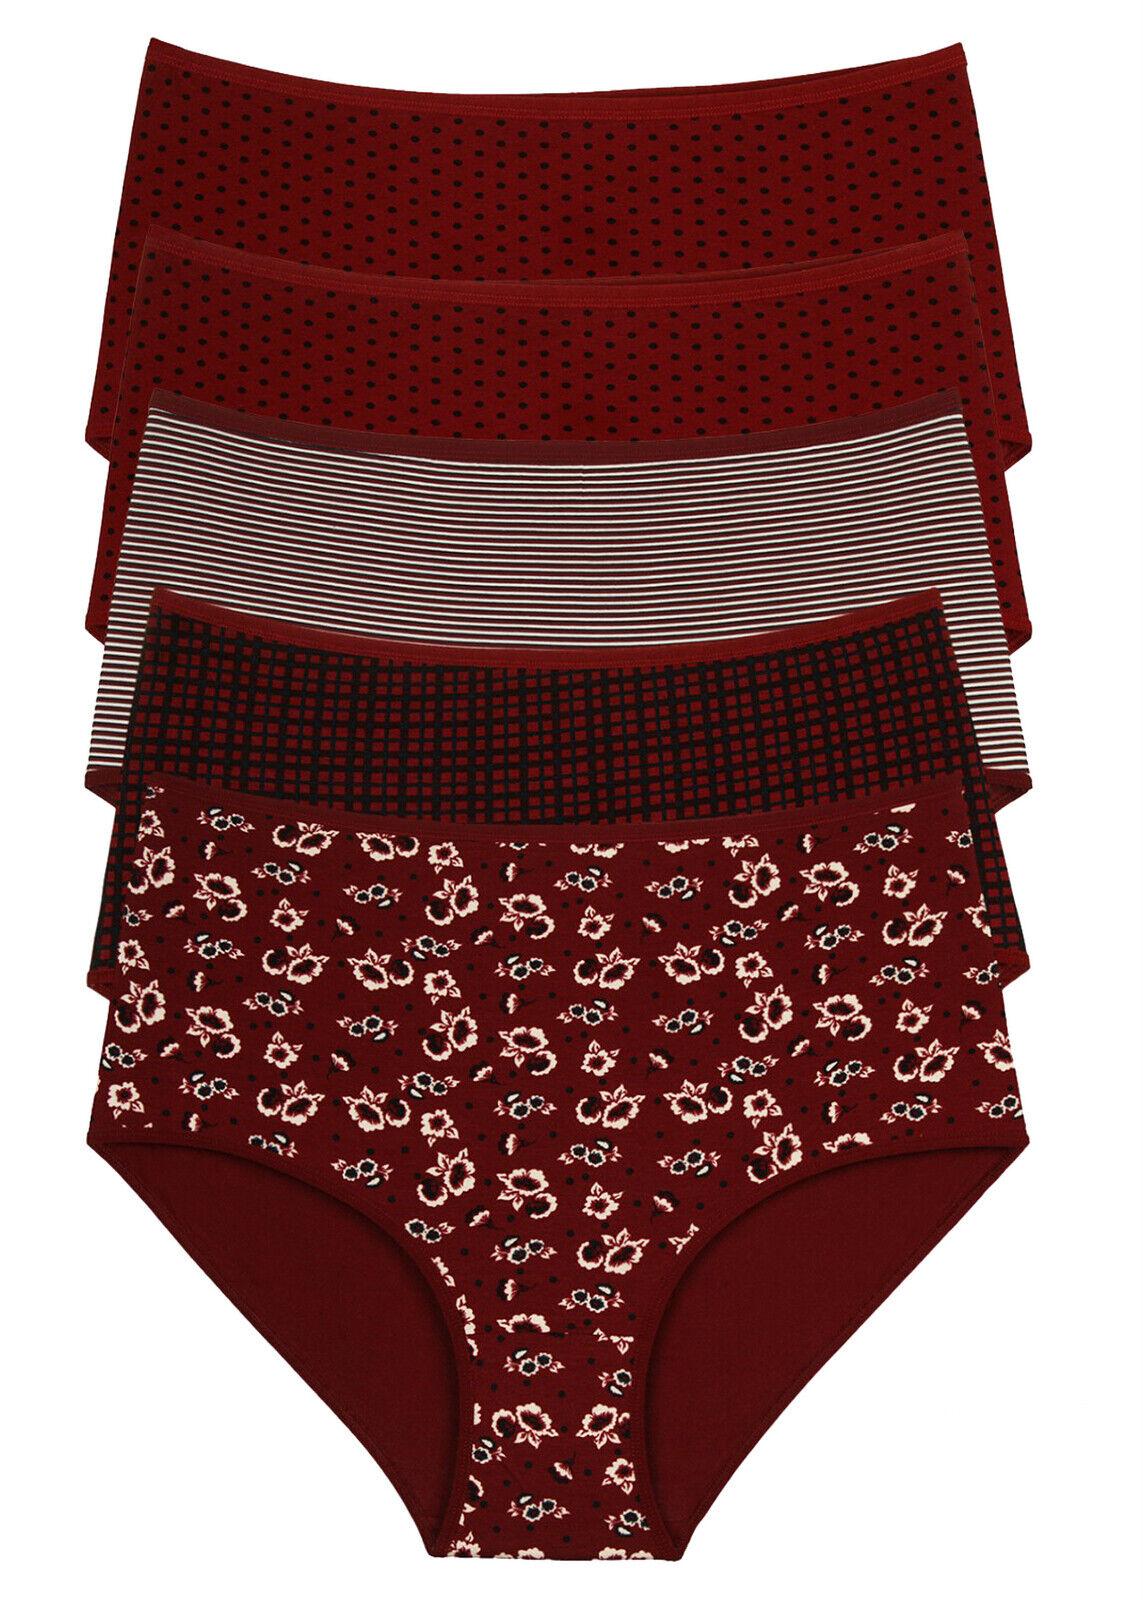 5 Damen Taillenslips Unterwäsche Übergröße Slips Baumwolle Pantys Gr. 54-60